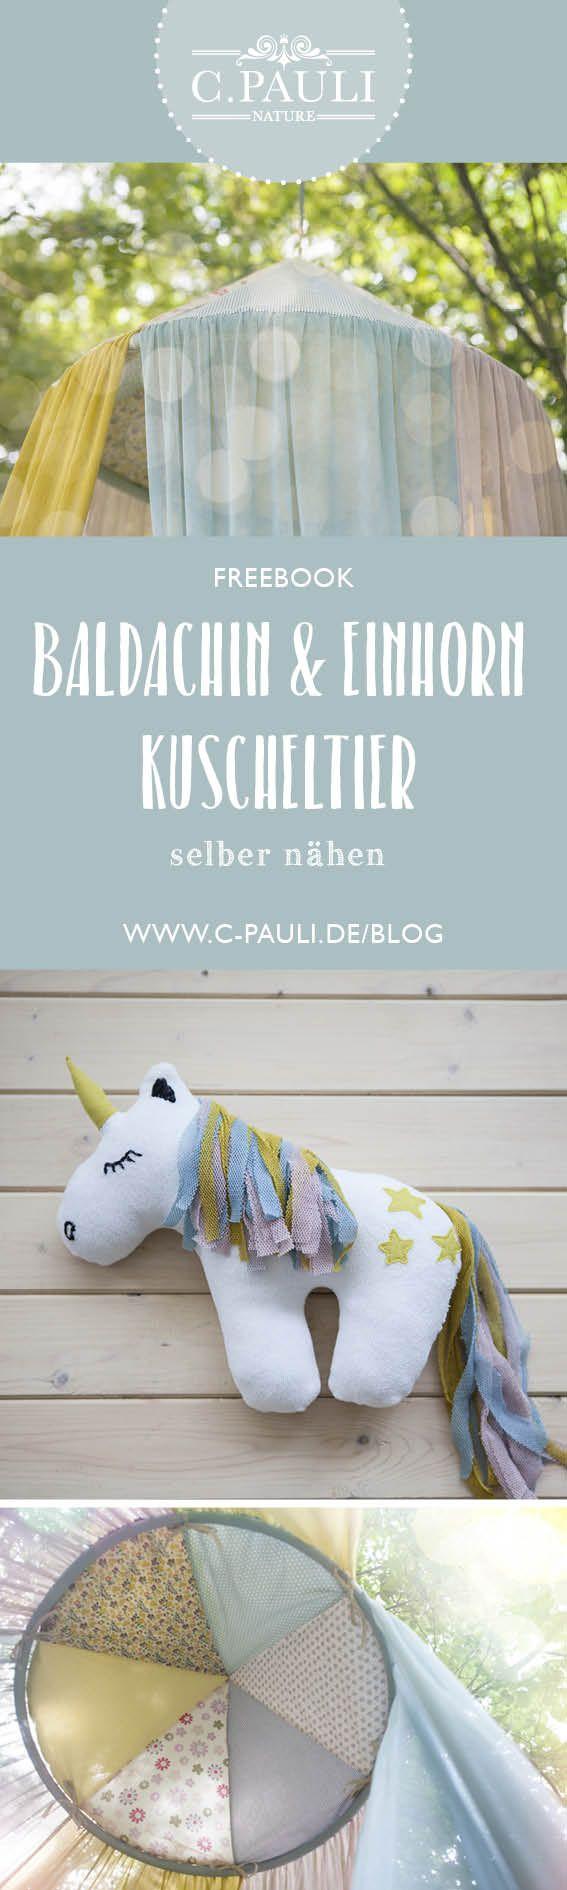 Baldachin aus Tüll und Popelin plus Einhorn Schmusetier | C.Pauli Nature Blog